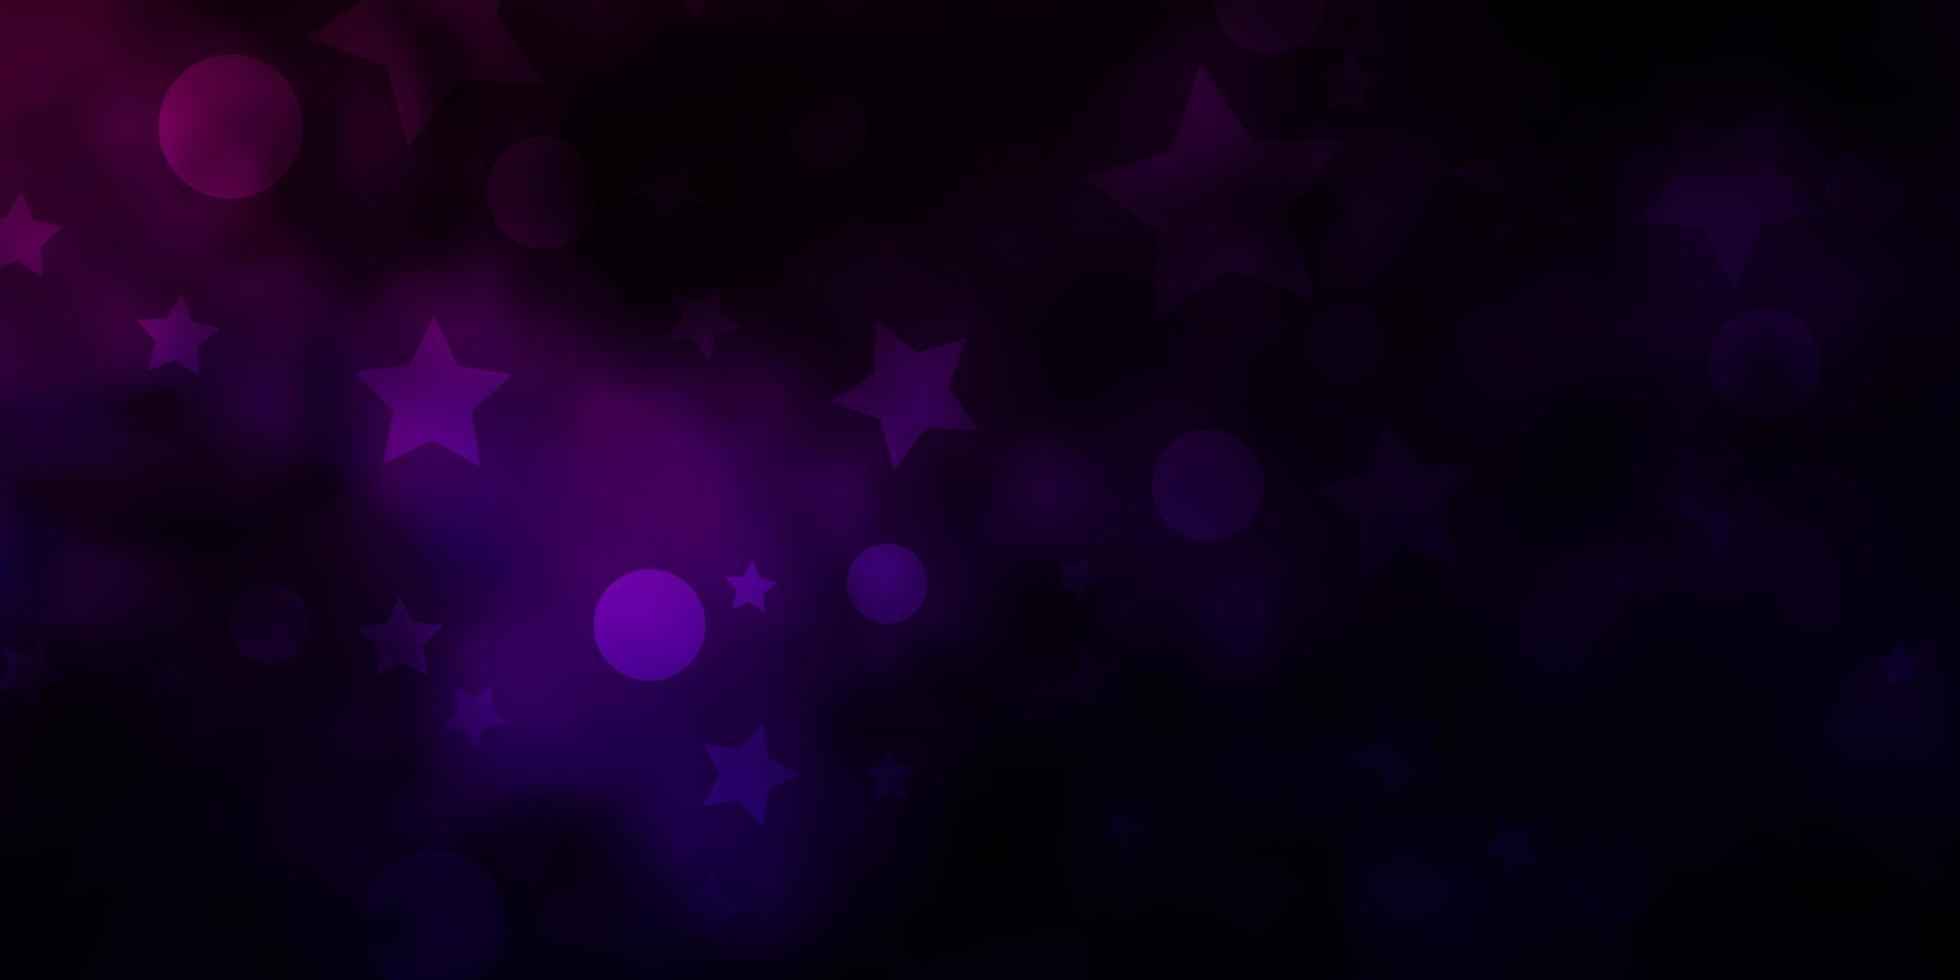 mörk lila layout med cirklar och stjärnor. vektor